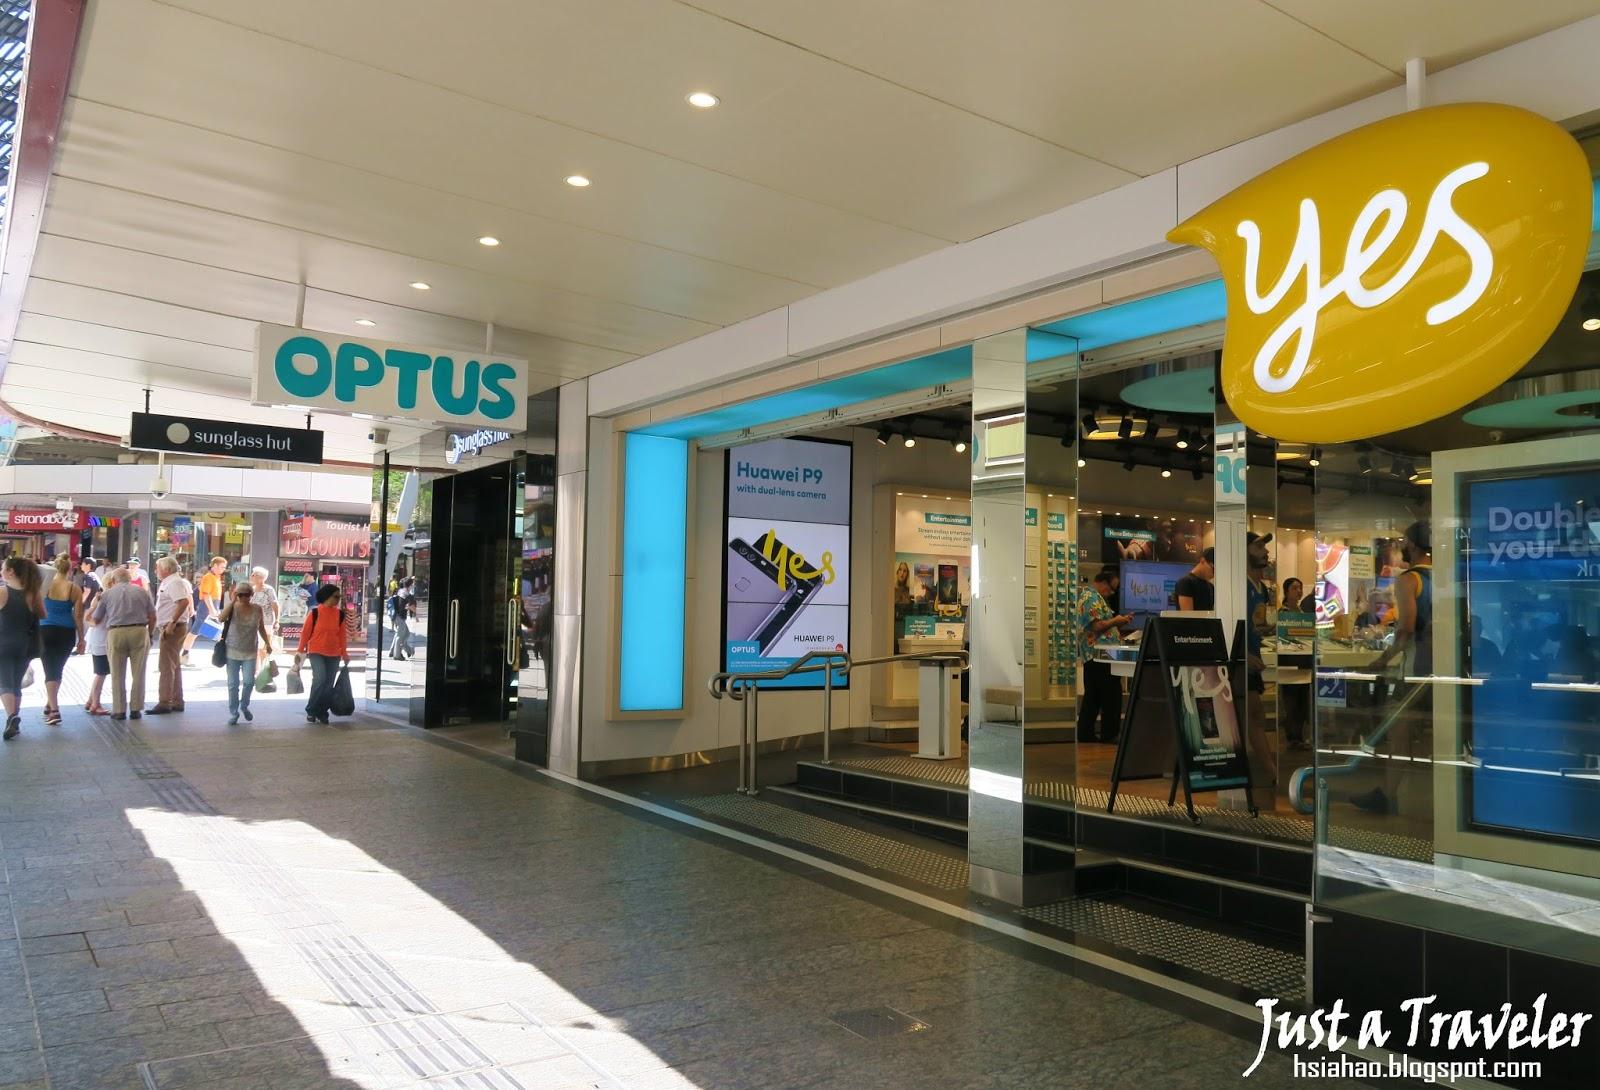 澳洲-網路-上網-Optus-門市-店面-Store-皇后街-Queen-Street